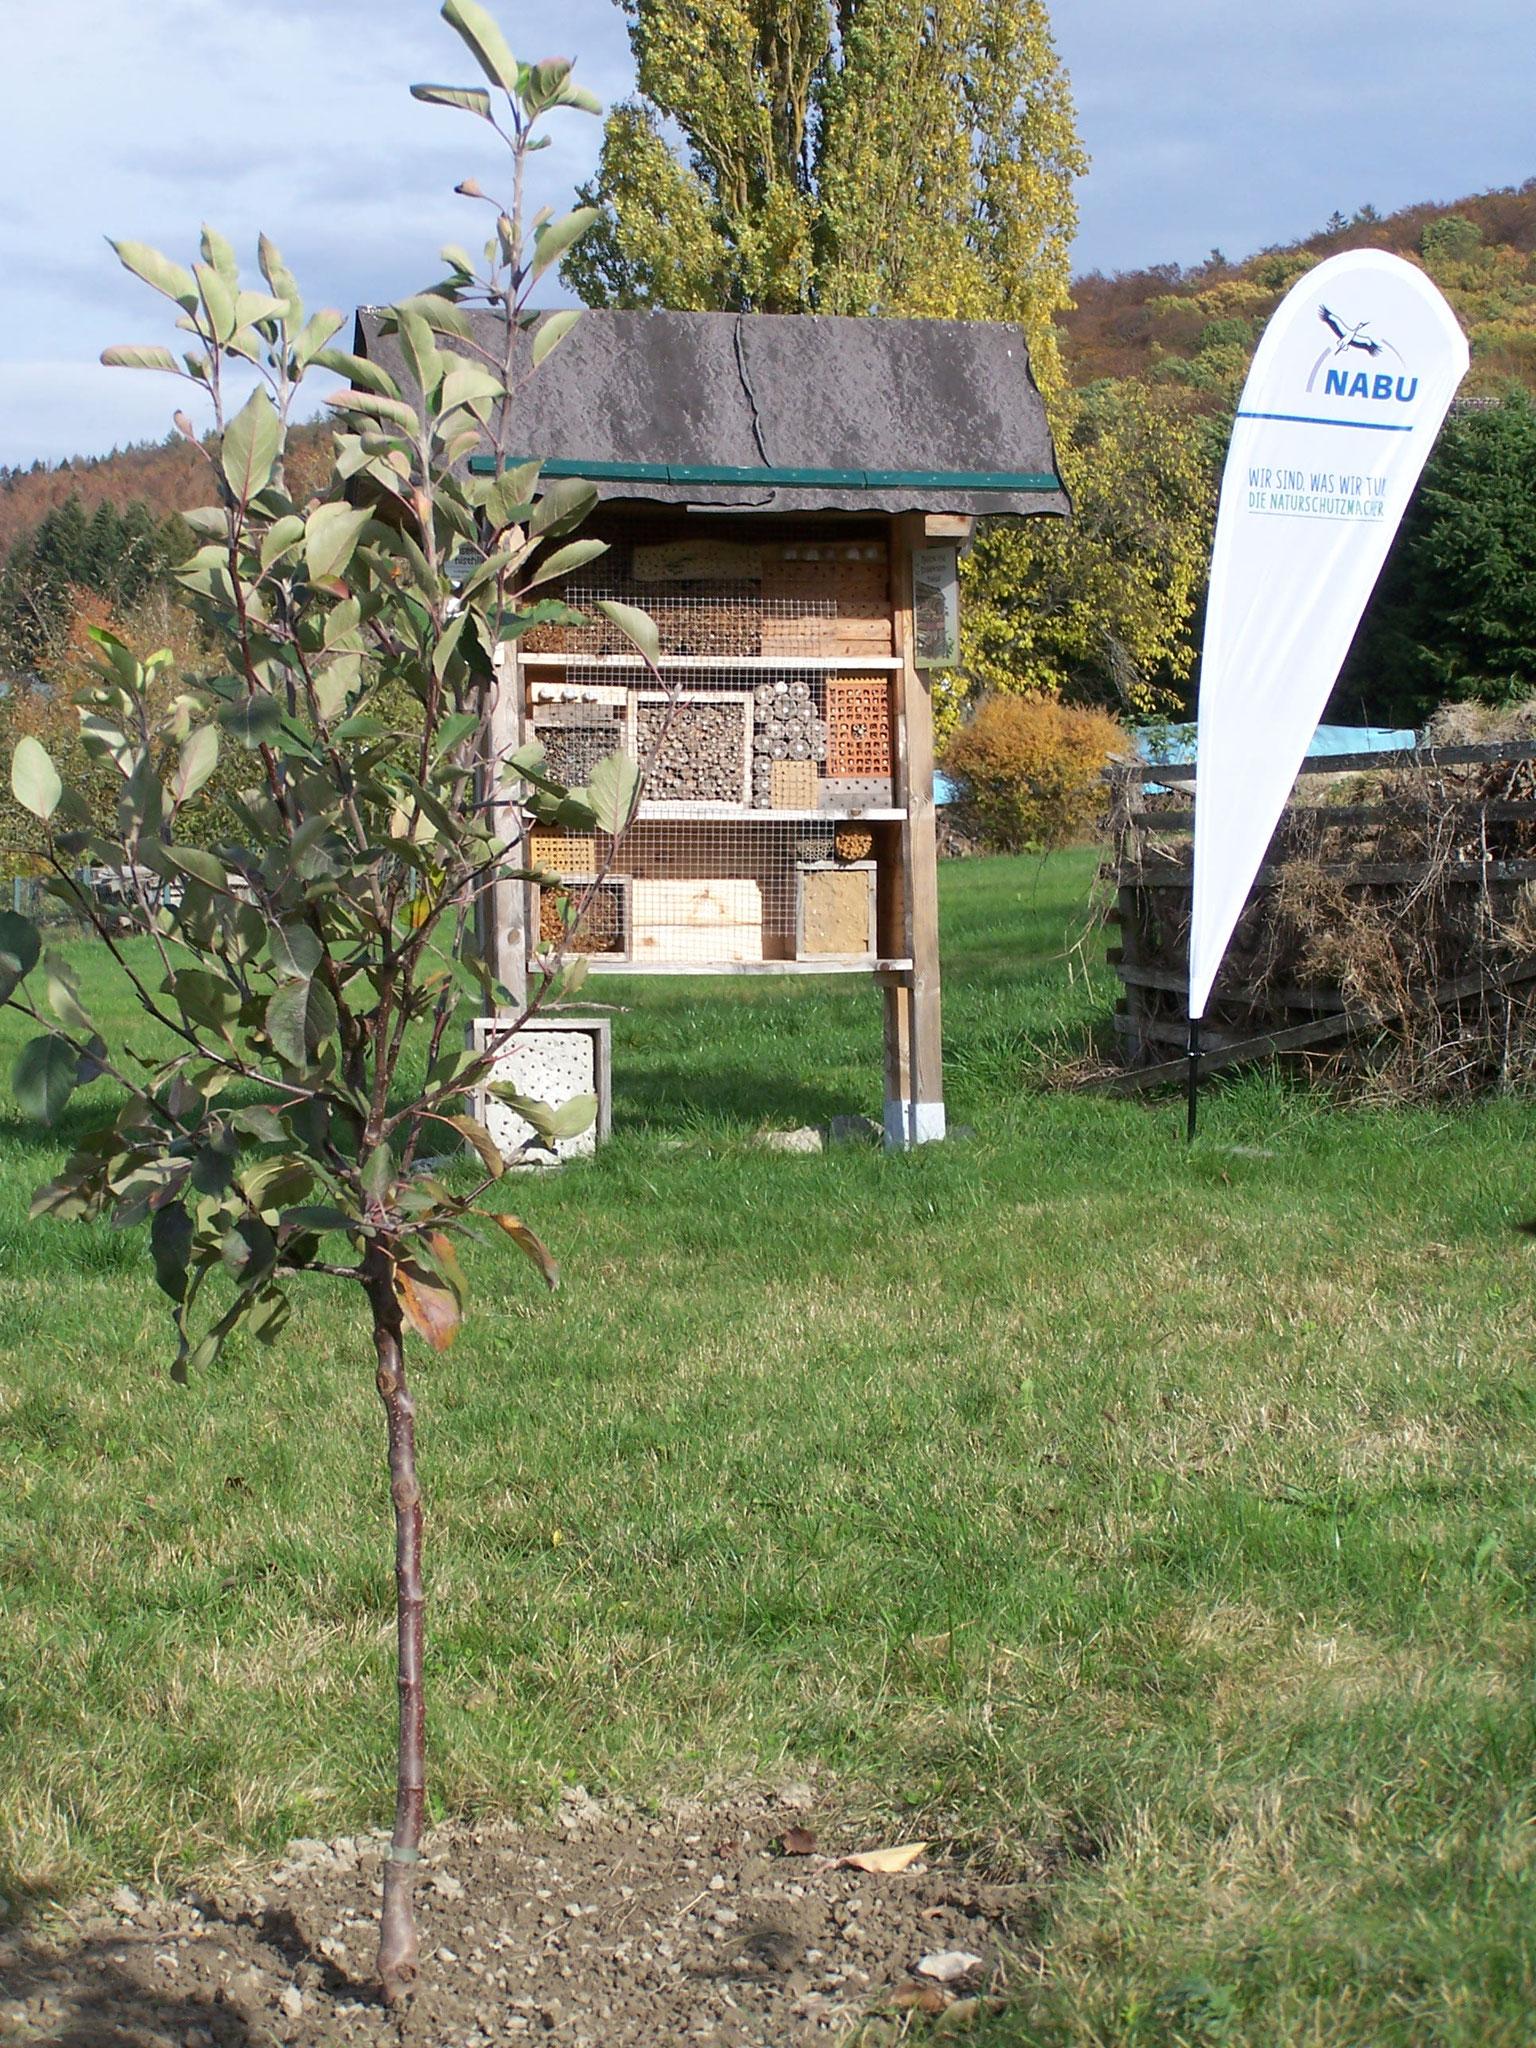 Wir haben 4 Apfelbäume (Halbstämme) in unserem Schaugarten gepflanzt 9.2020